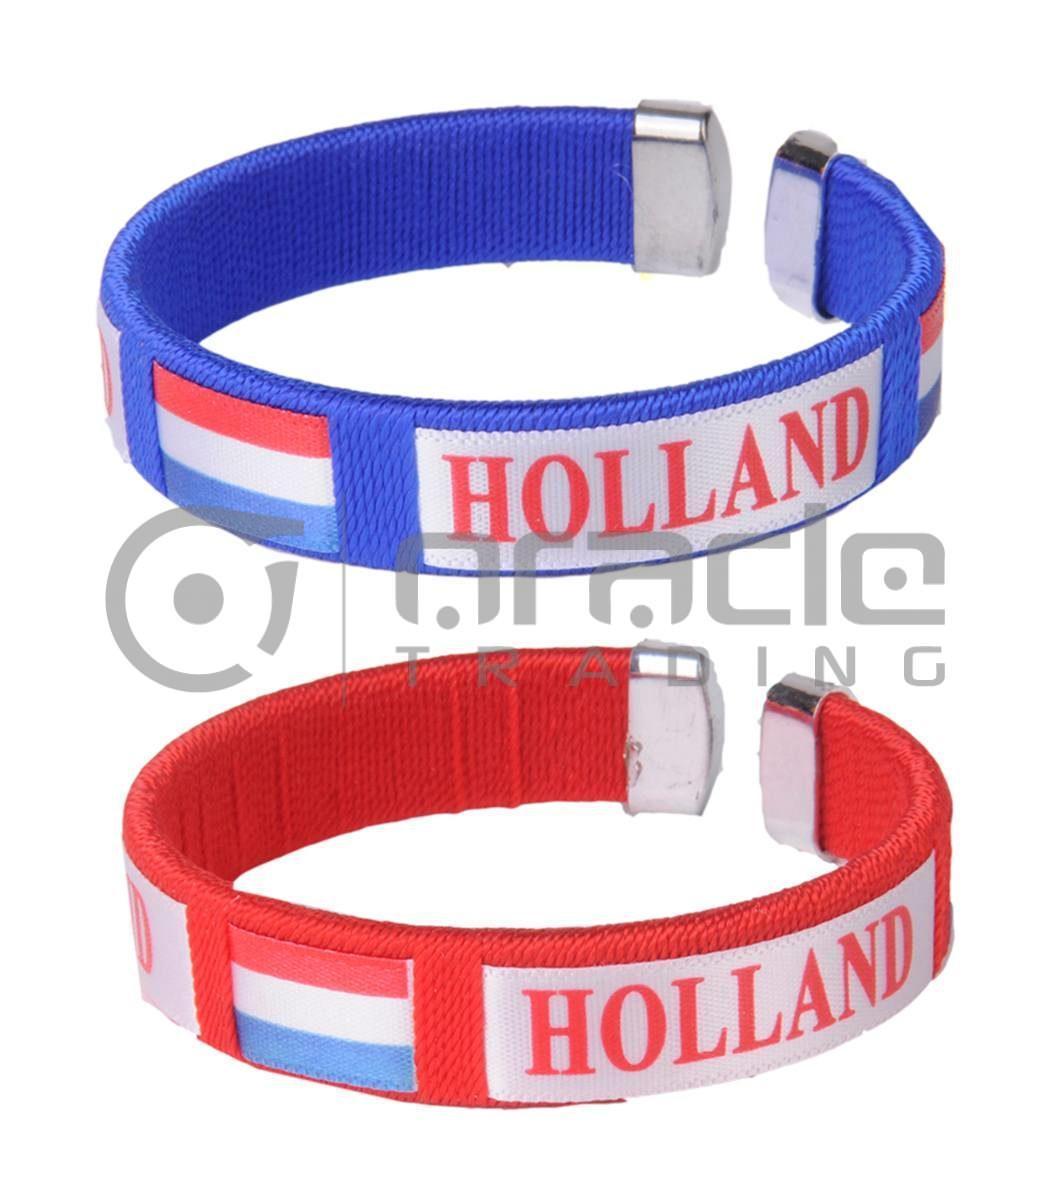 Holland C Bracelets Red/Blue 12-Pack